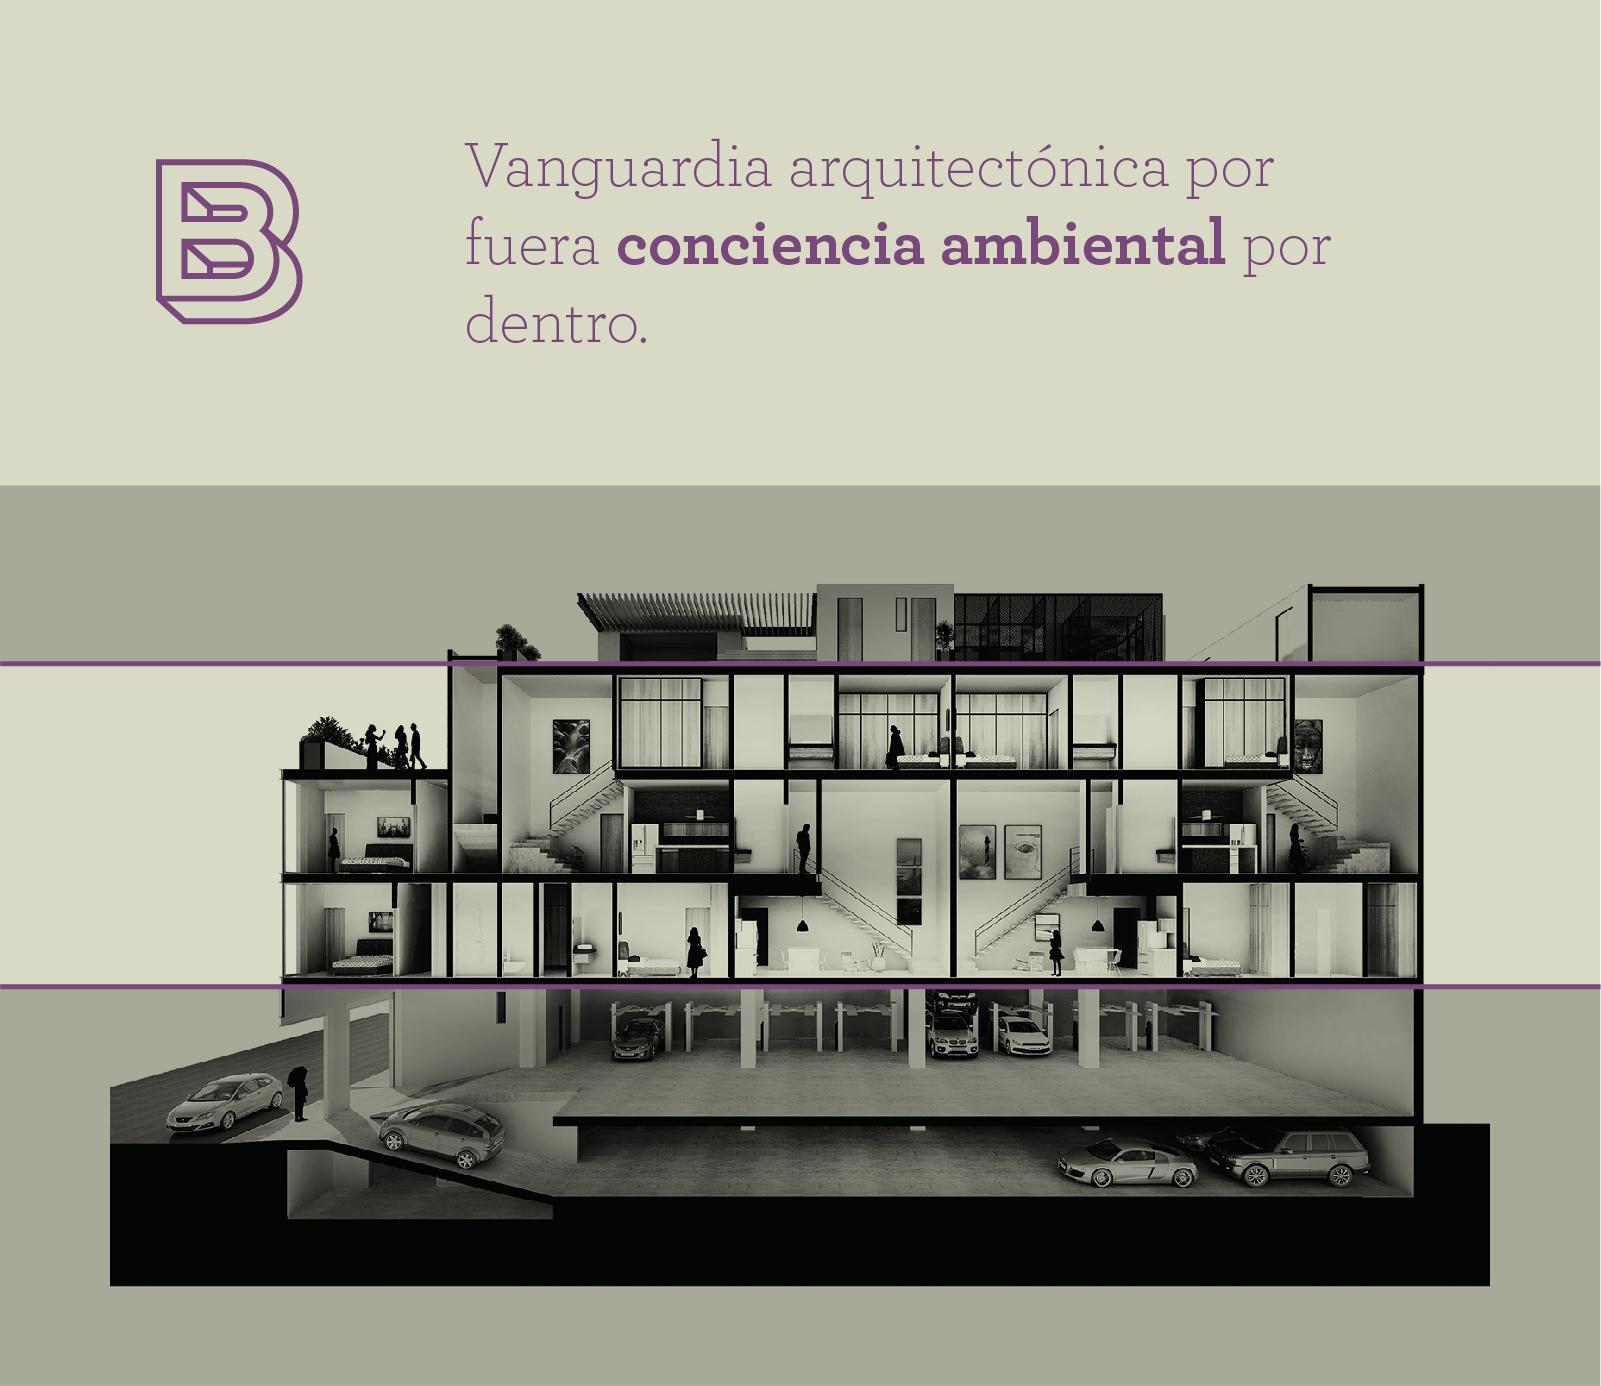 Corte que demuestran la distribución de los lofts en el Centro Histórico de Puebla